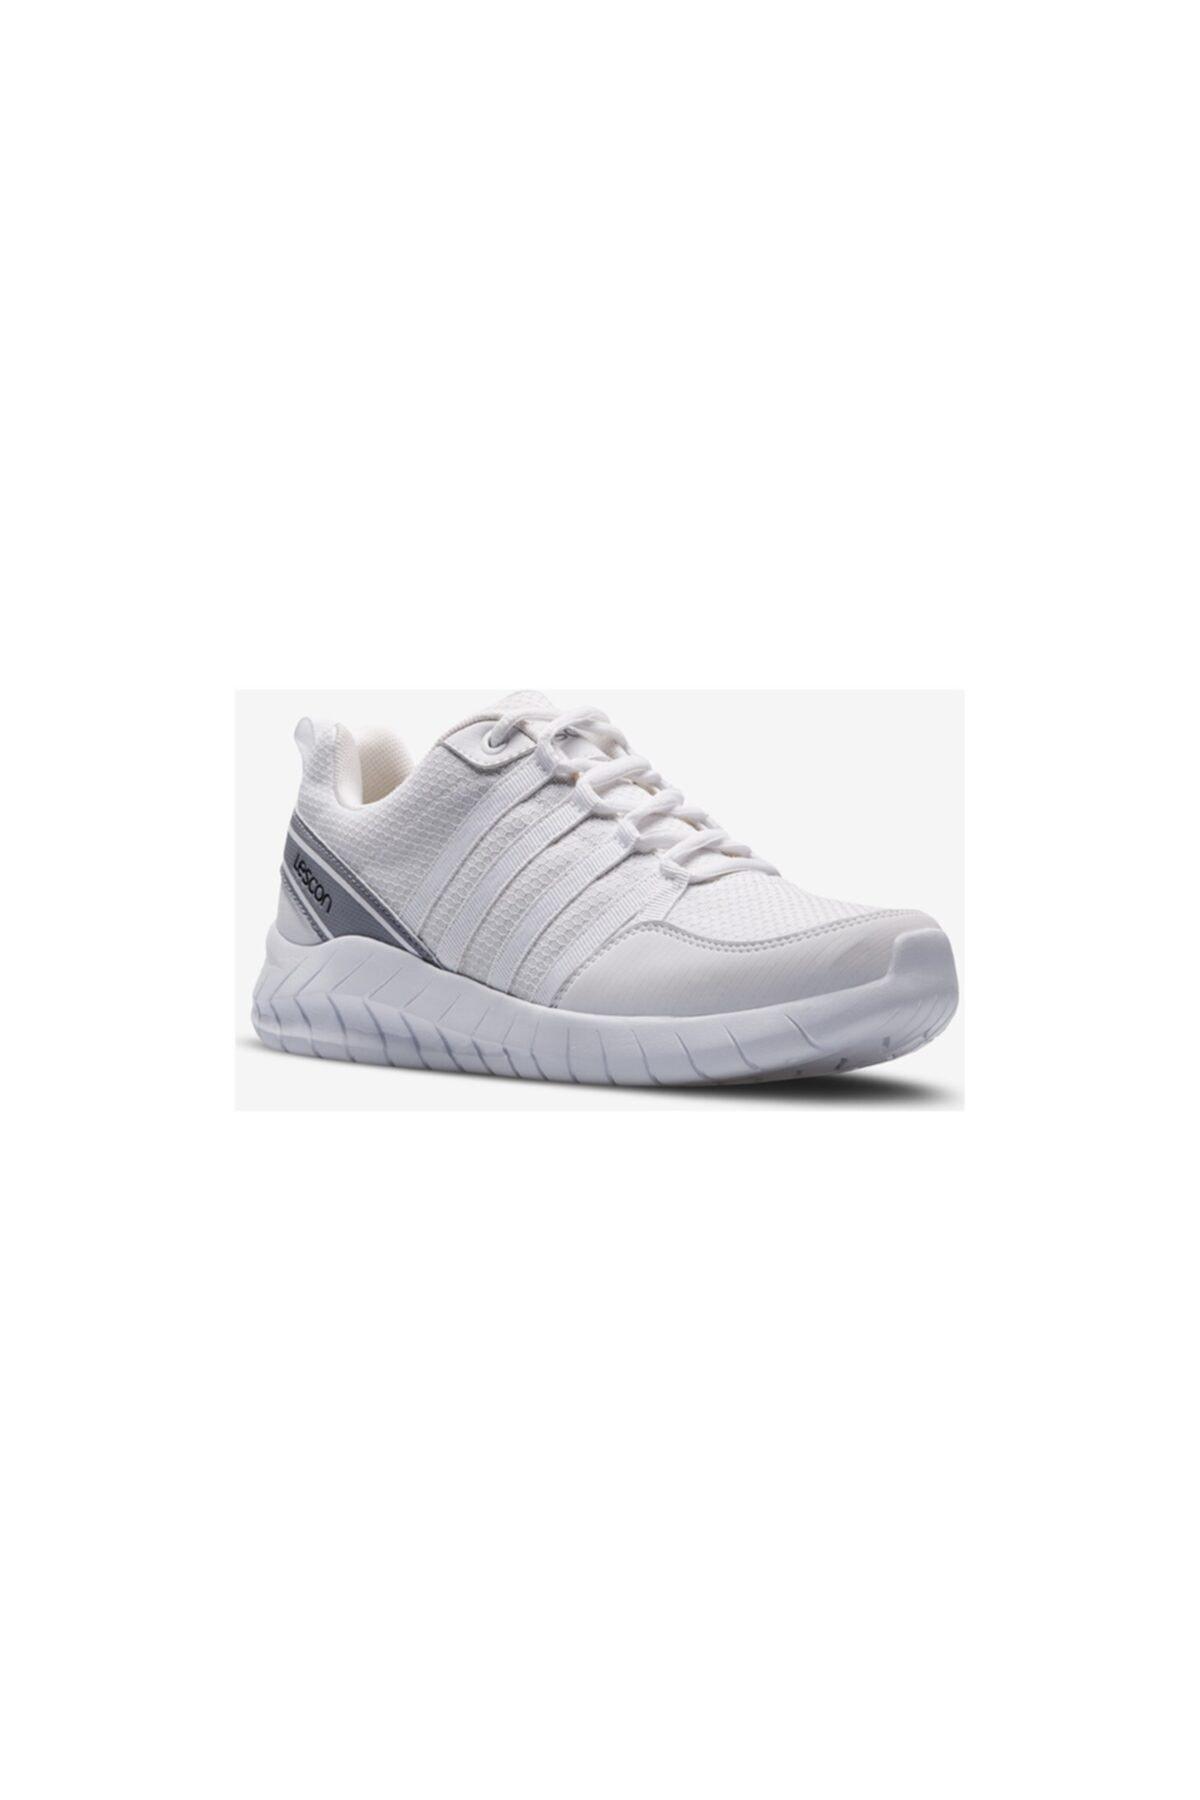 Lescon Flex Legend Beyaz Unisex Spor Ayakkabı 1